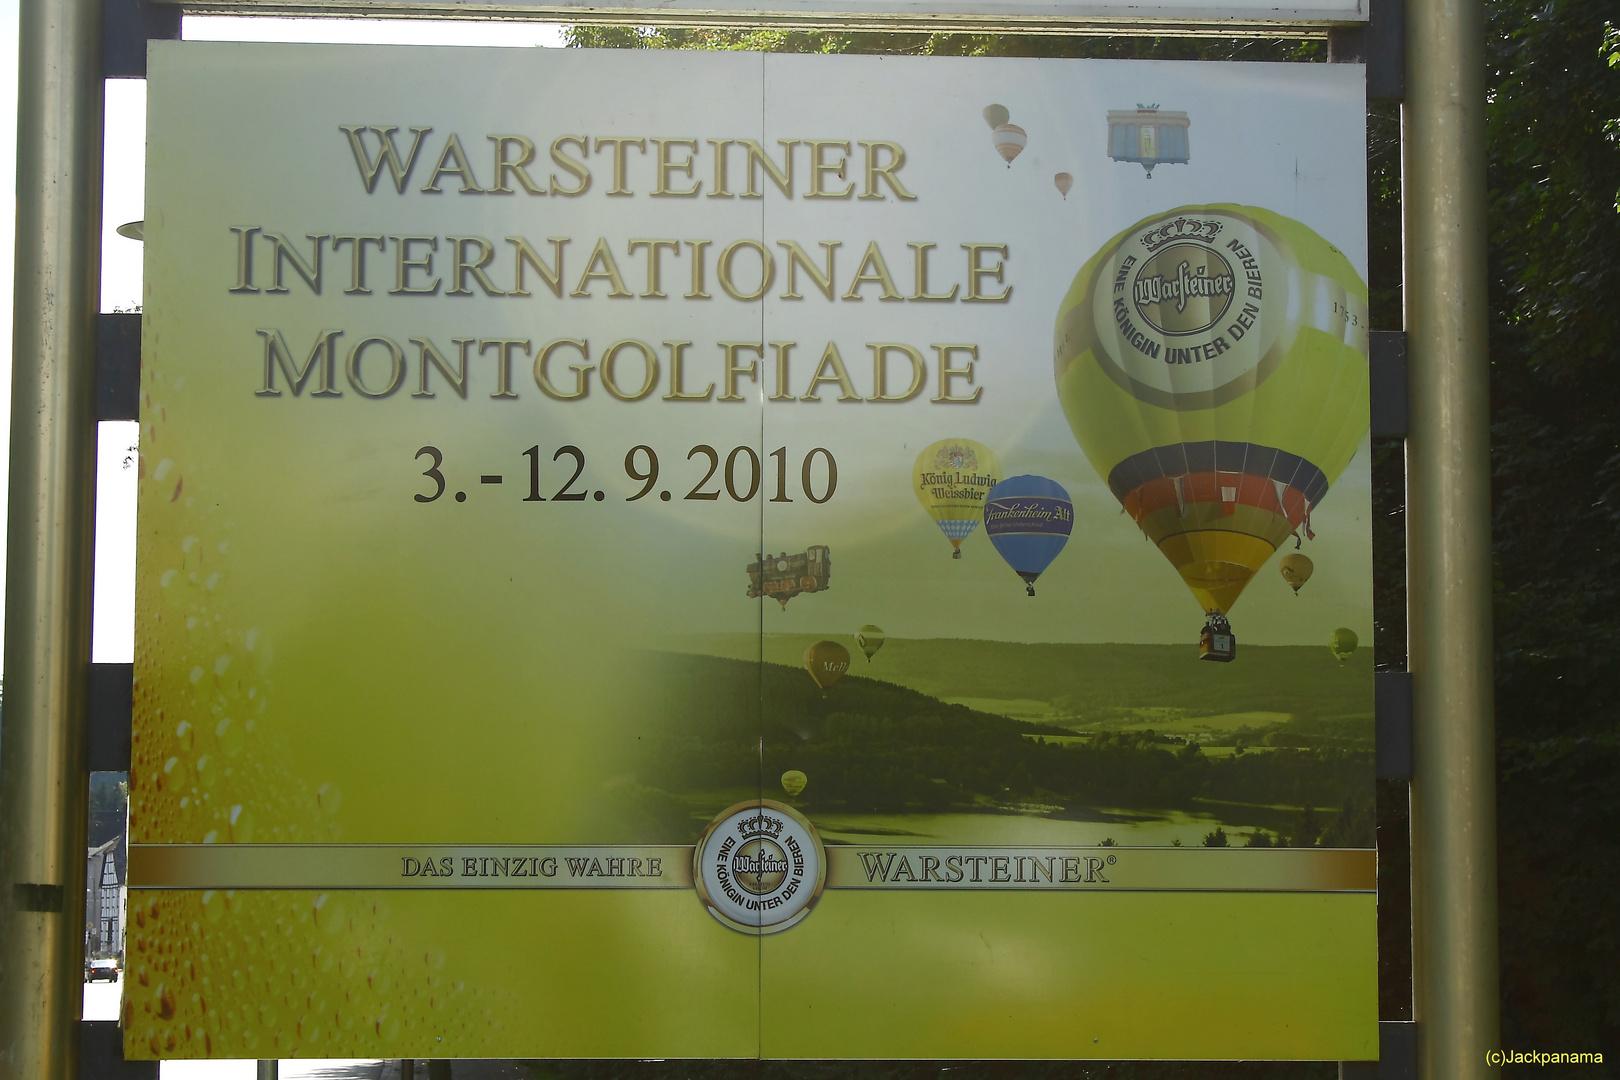 20. WARSTEINER INTERNATIONALE MONTGOLFIADE